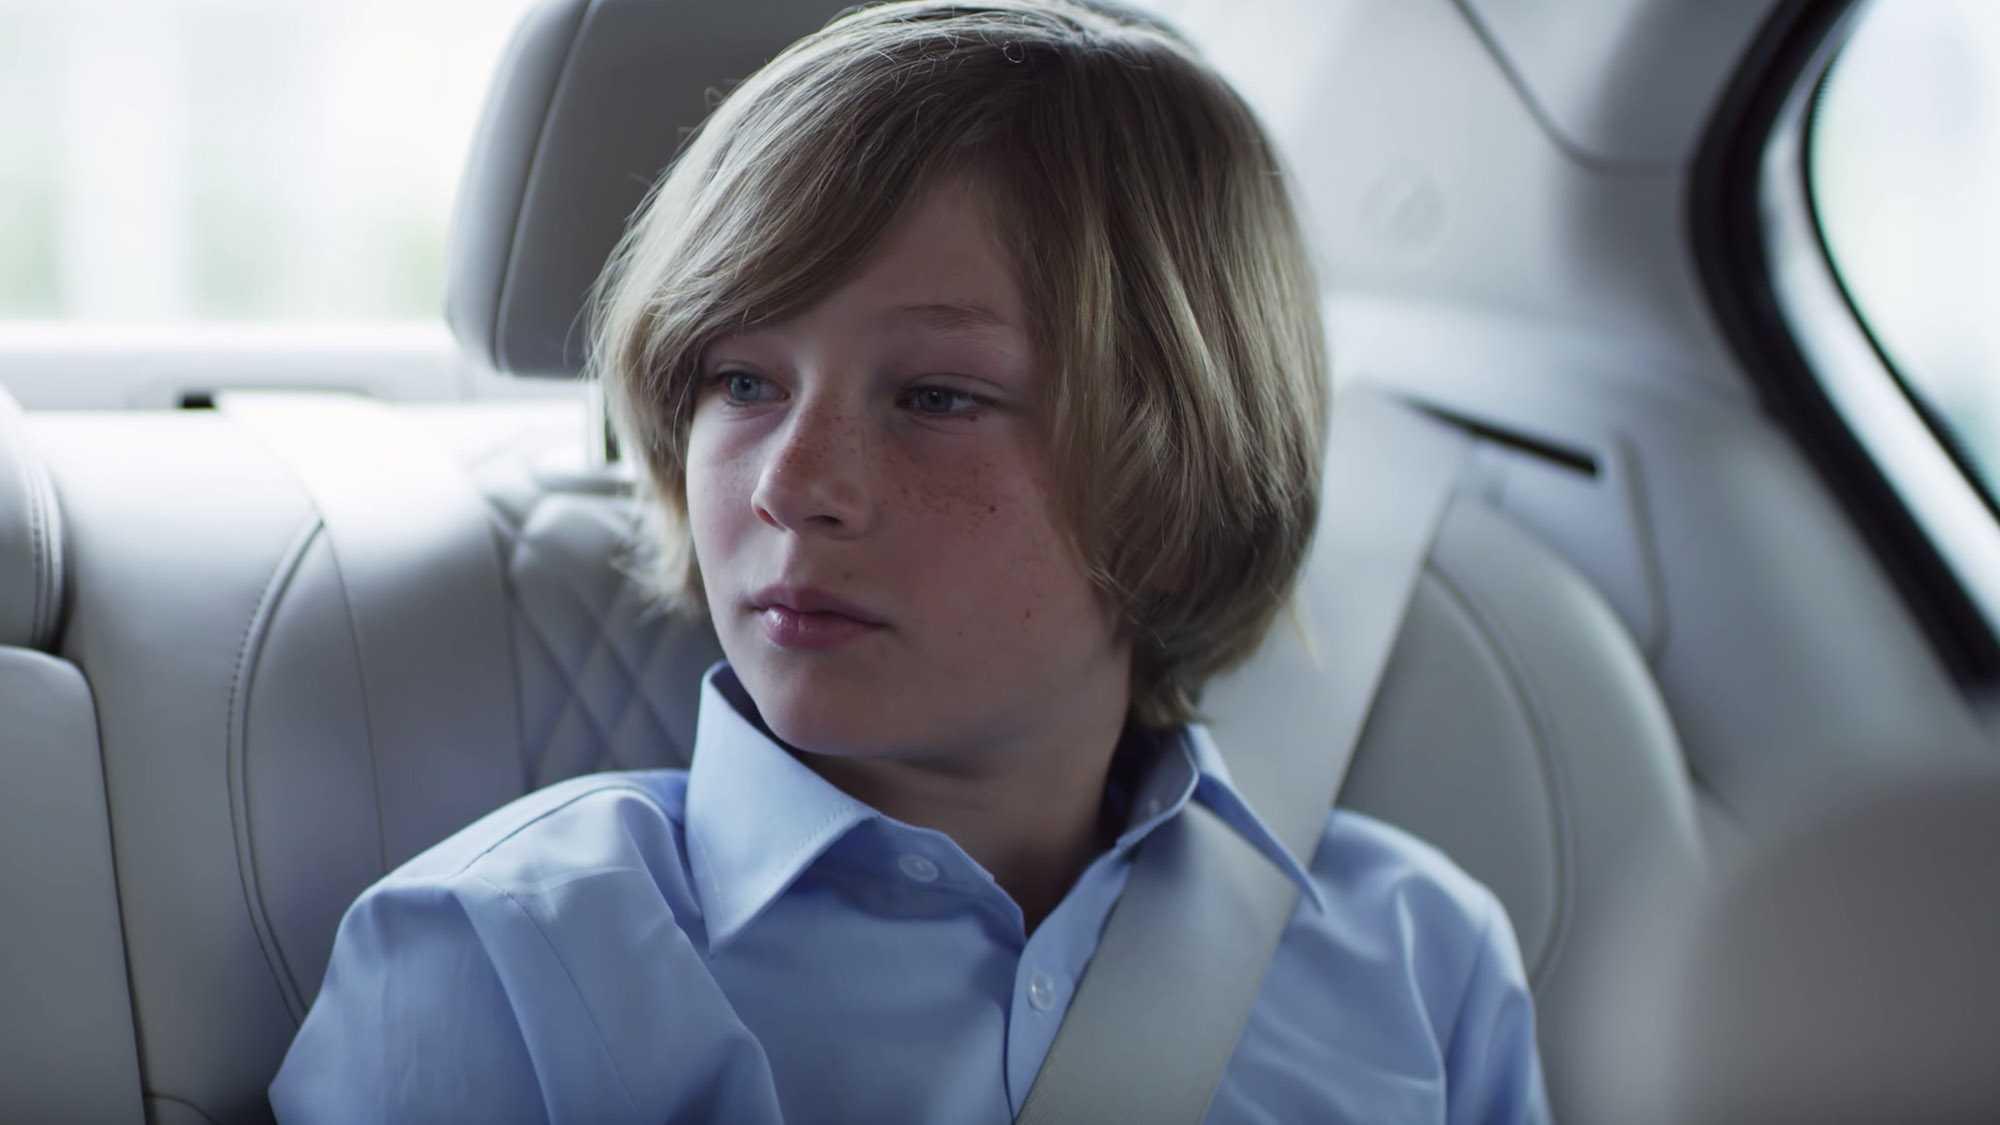 Das Bild zeigt einen kleinen Jungen, der auf der Rückbank eines Wagens sitzt. Er hat ein blaues Hemd an und man sieht den Gurt. Das Bild dient als Sliderbild für den Portfolioeintrag BMW Connected Drive Rivalitätskampf von Panda Pictures.